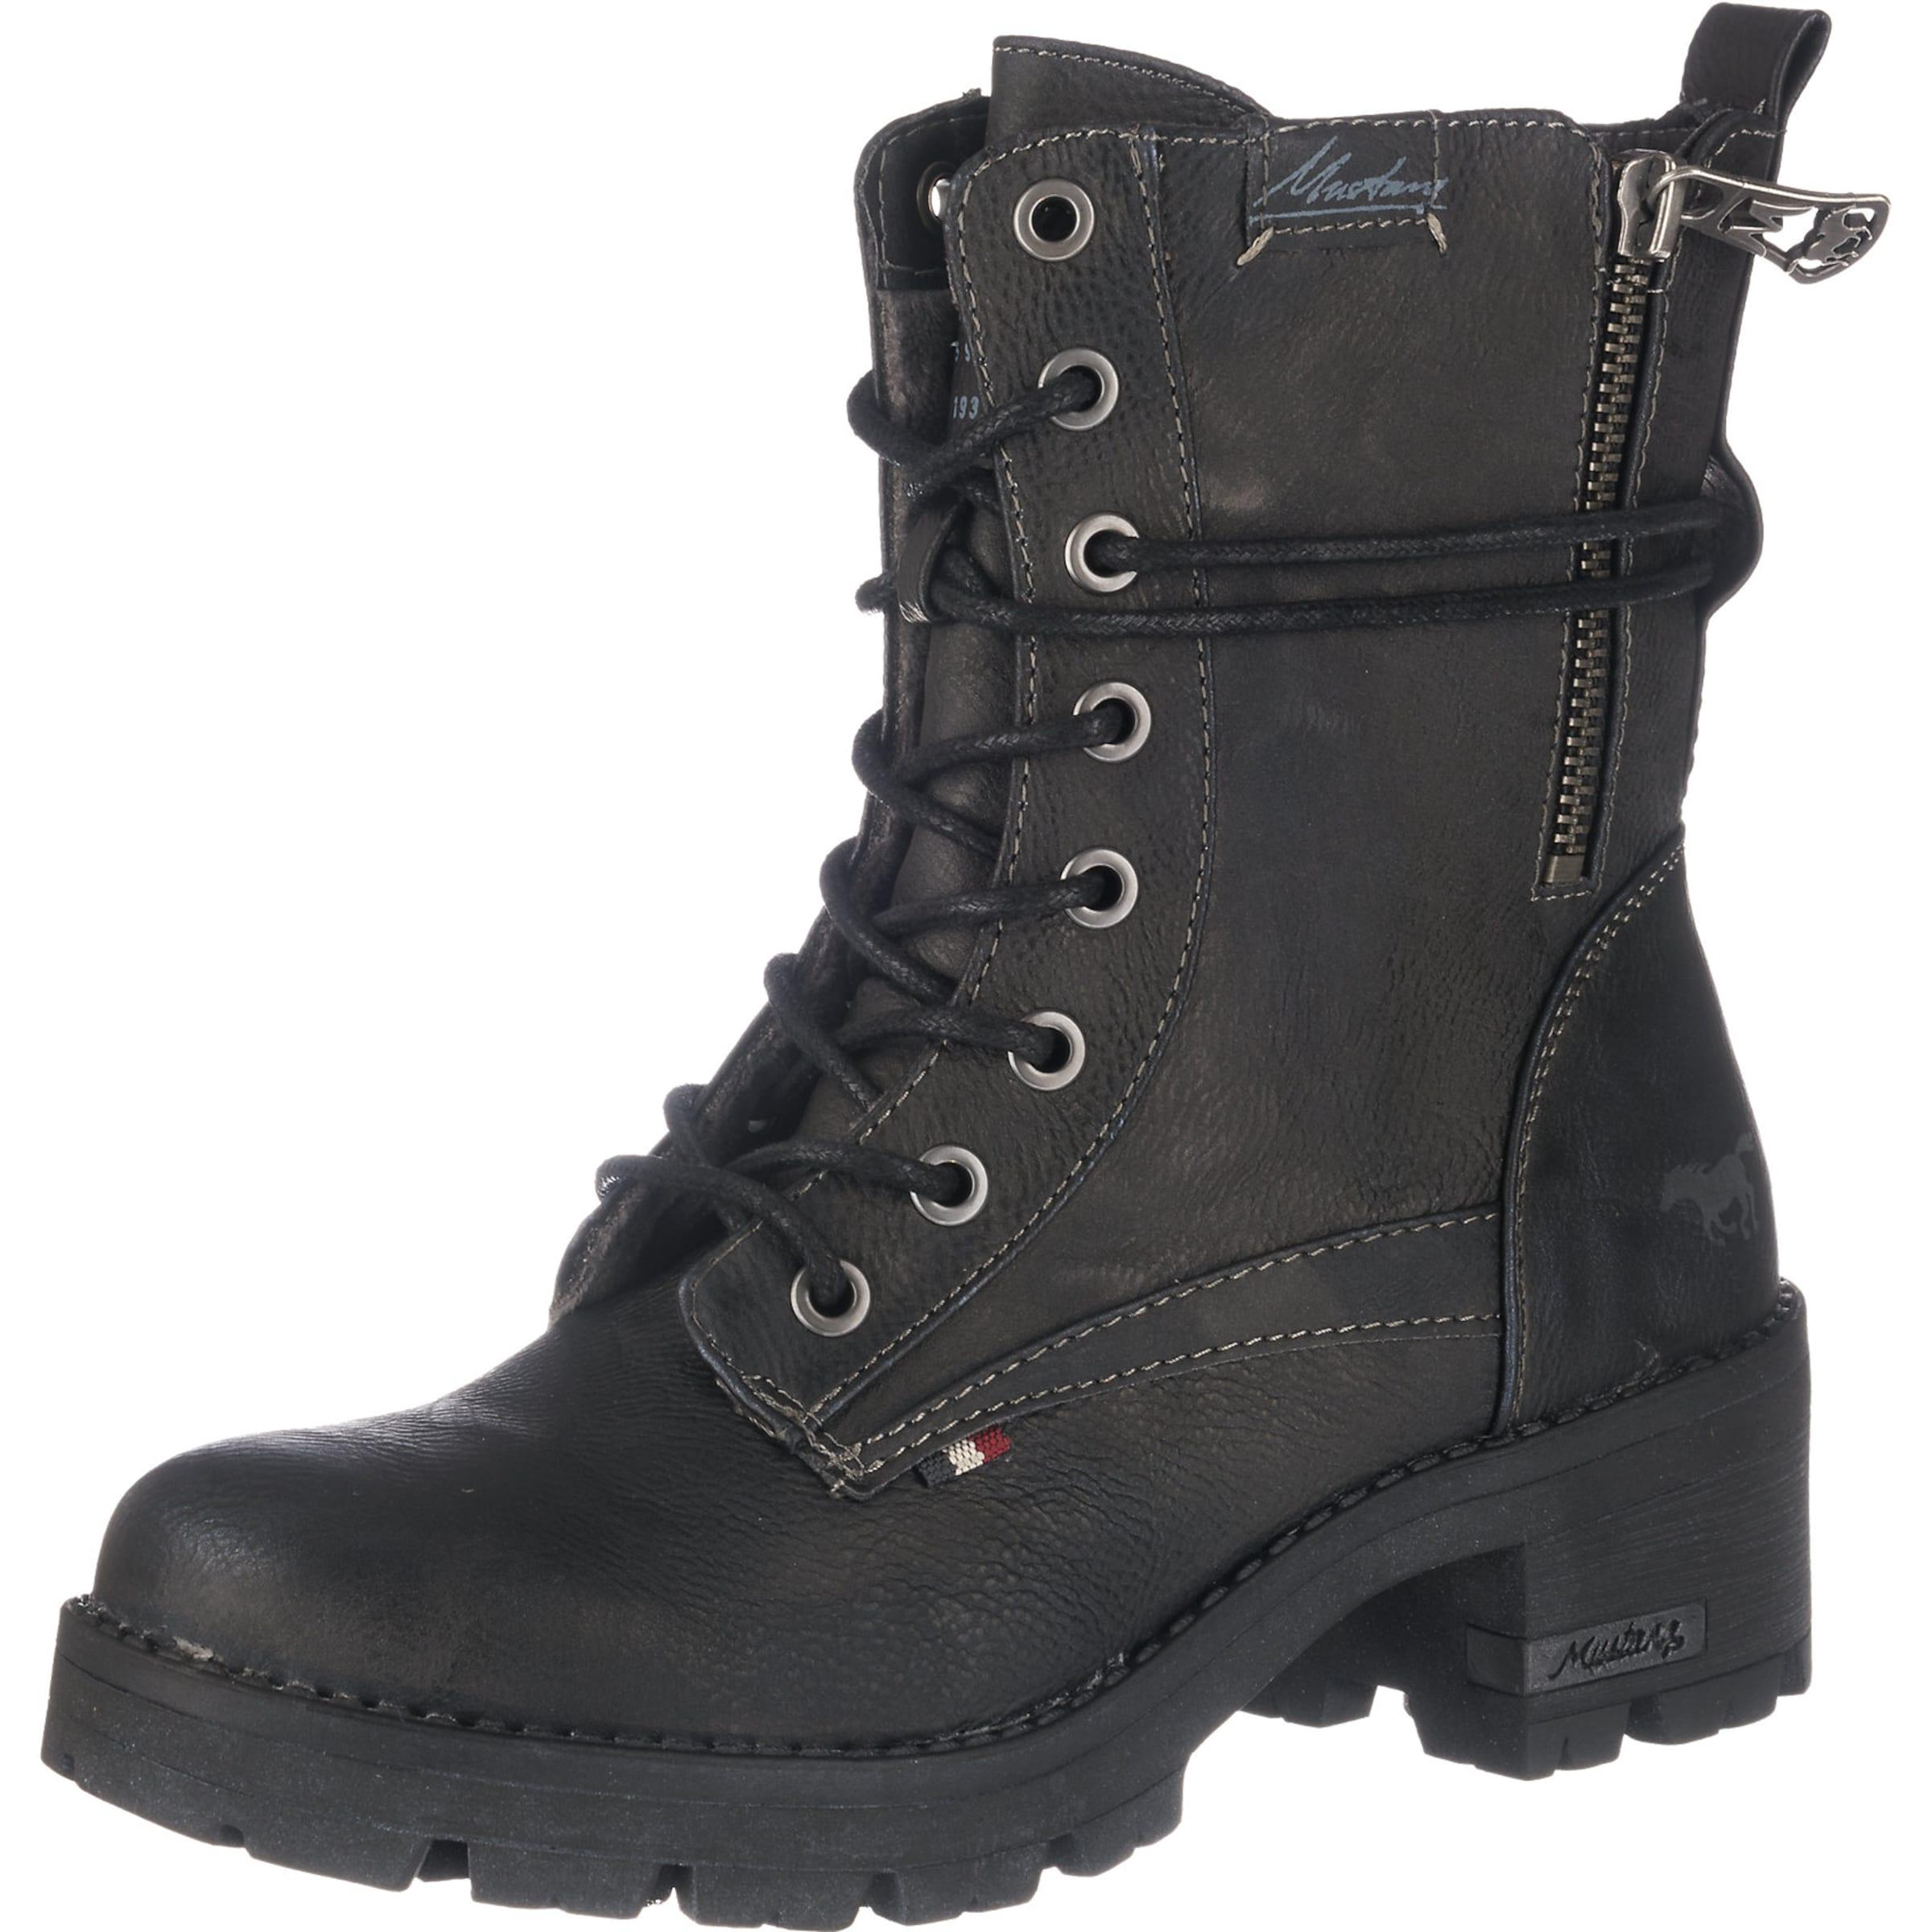 MUSTANG Stiefeletten Verschleißfeste billige Schuhe Hohe Qualität